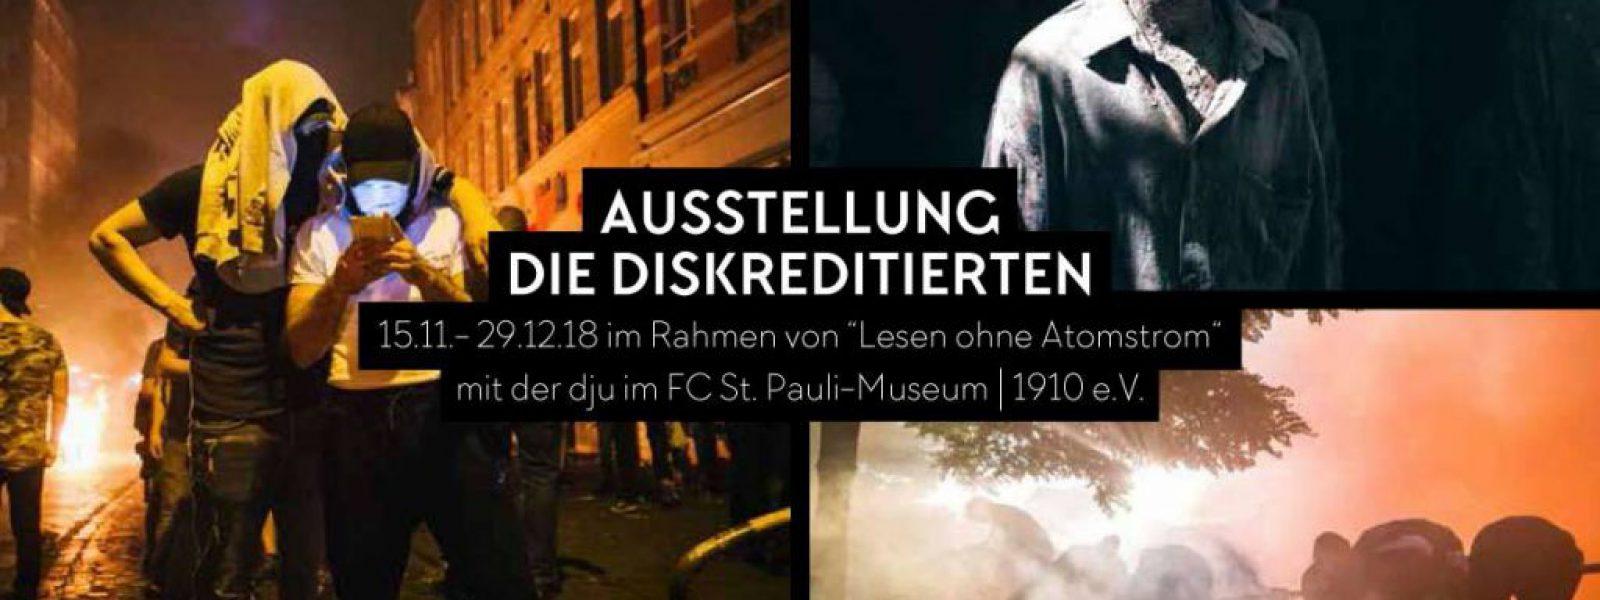 Ausstellung_Die-Diskreditierten-FCSP-Museum-Millerntor